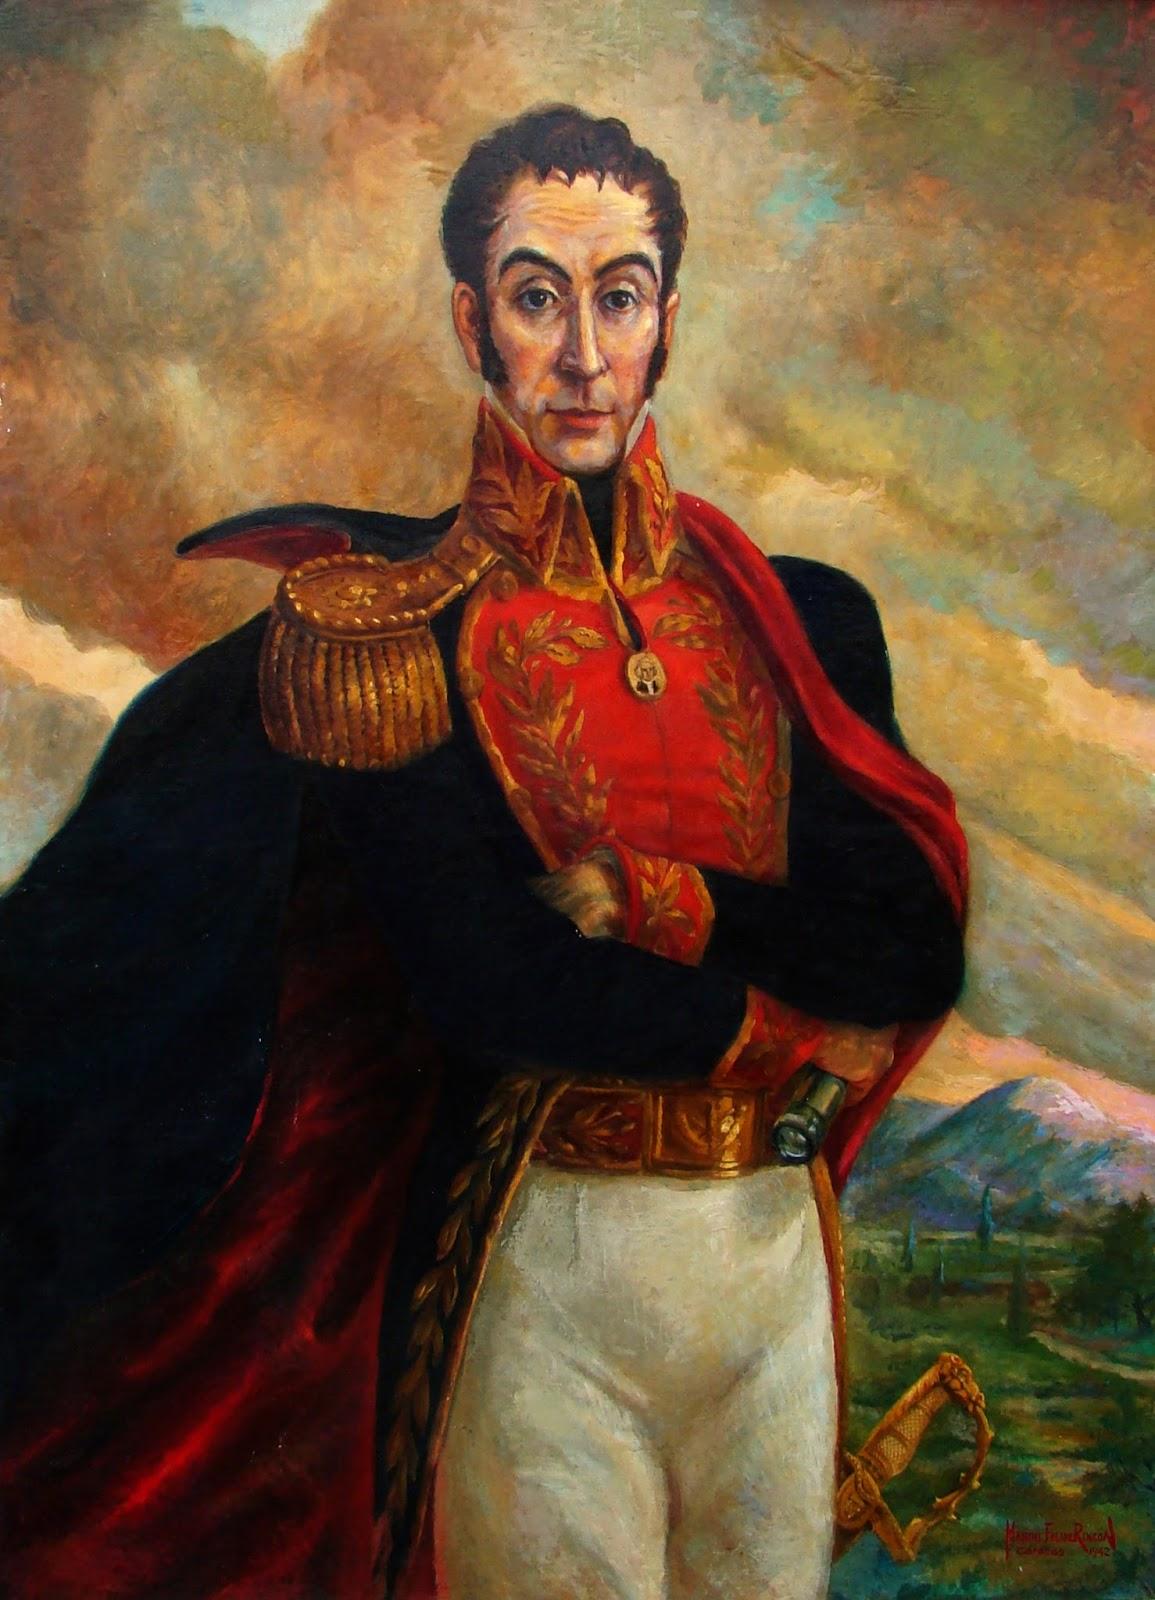 Trotalibros blog de libros y literatura el general en for Conservatorio simon bolivar blog